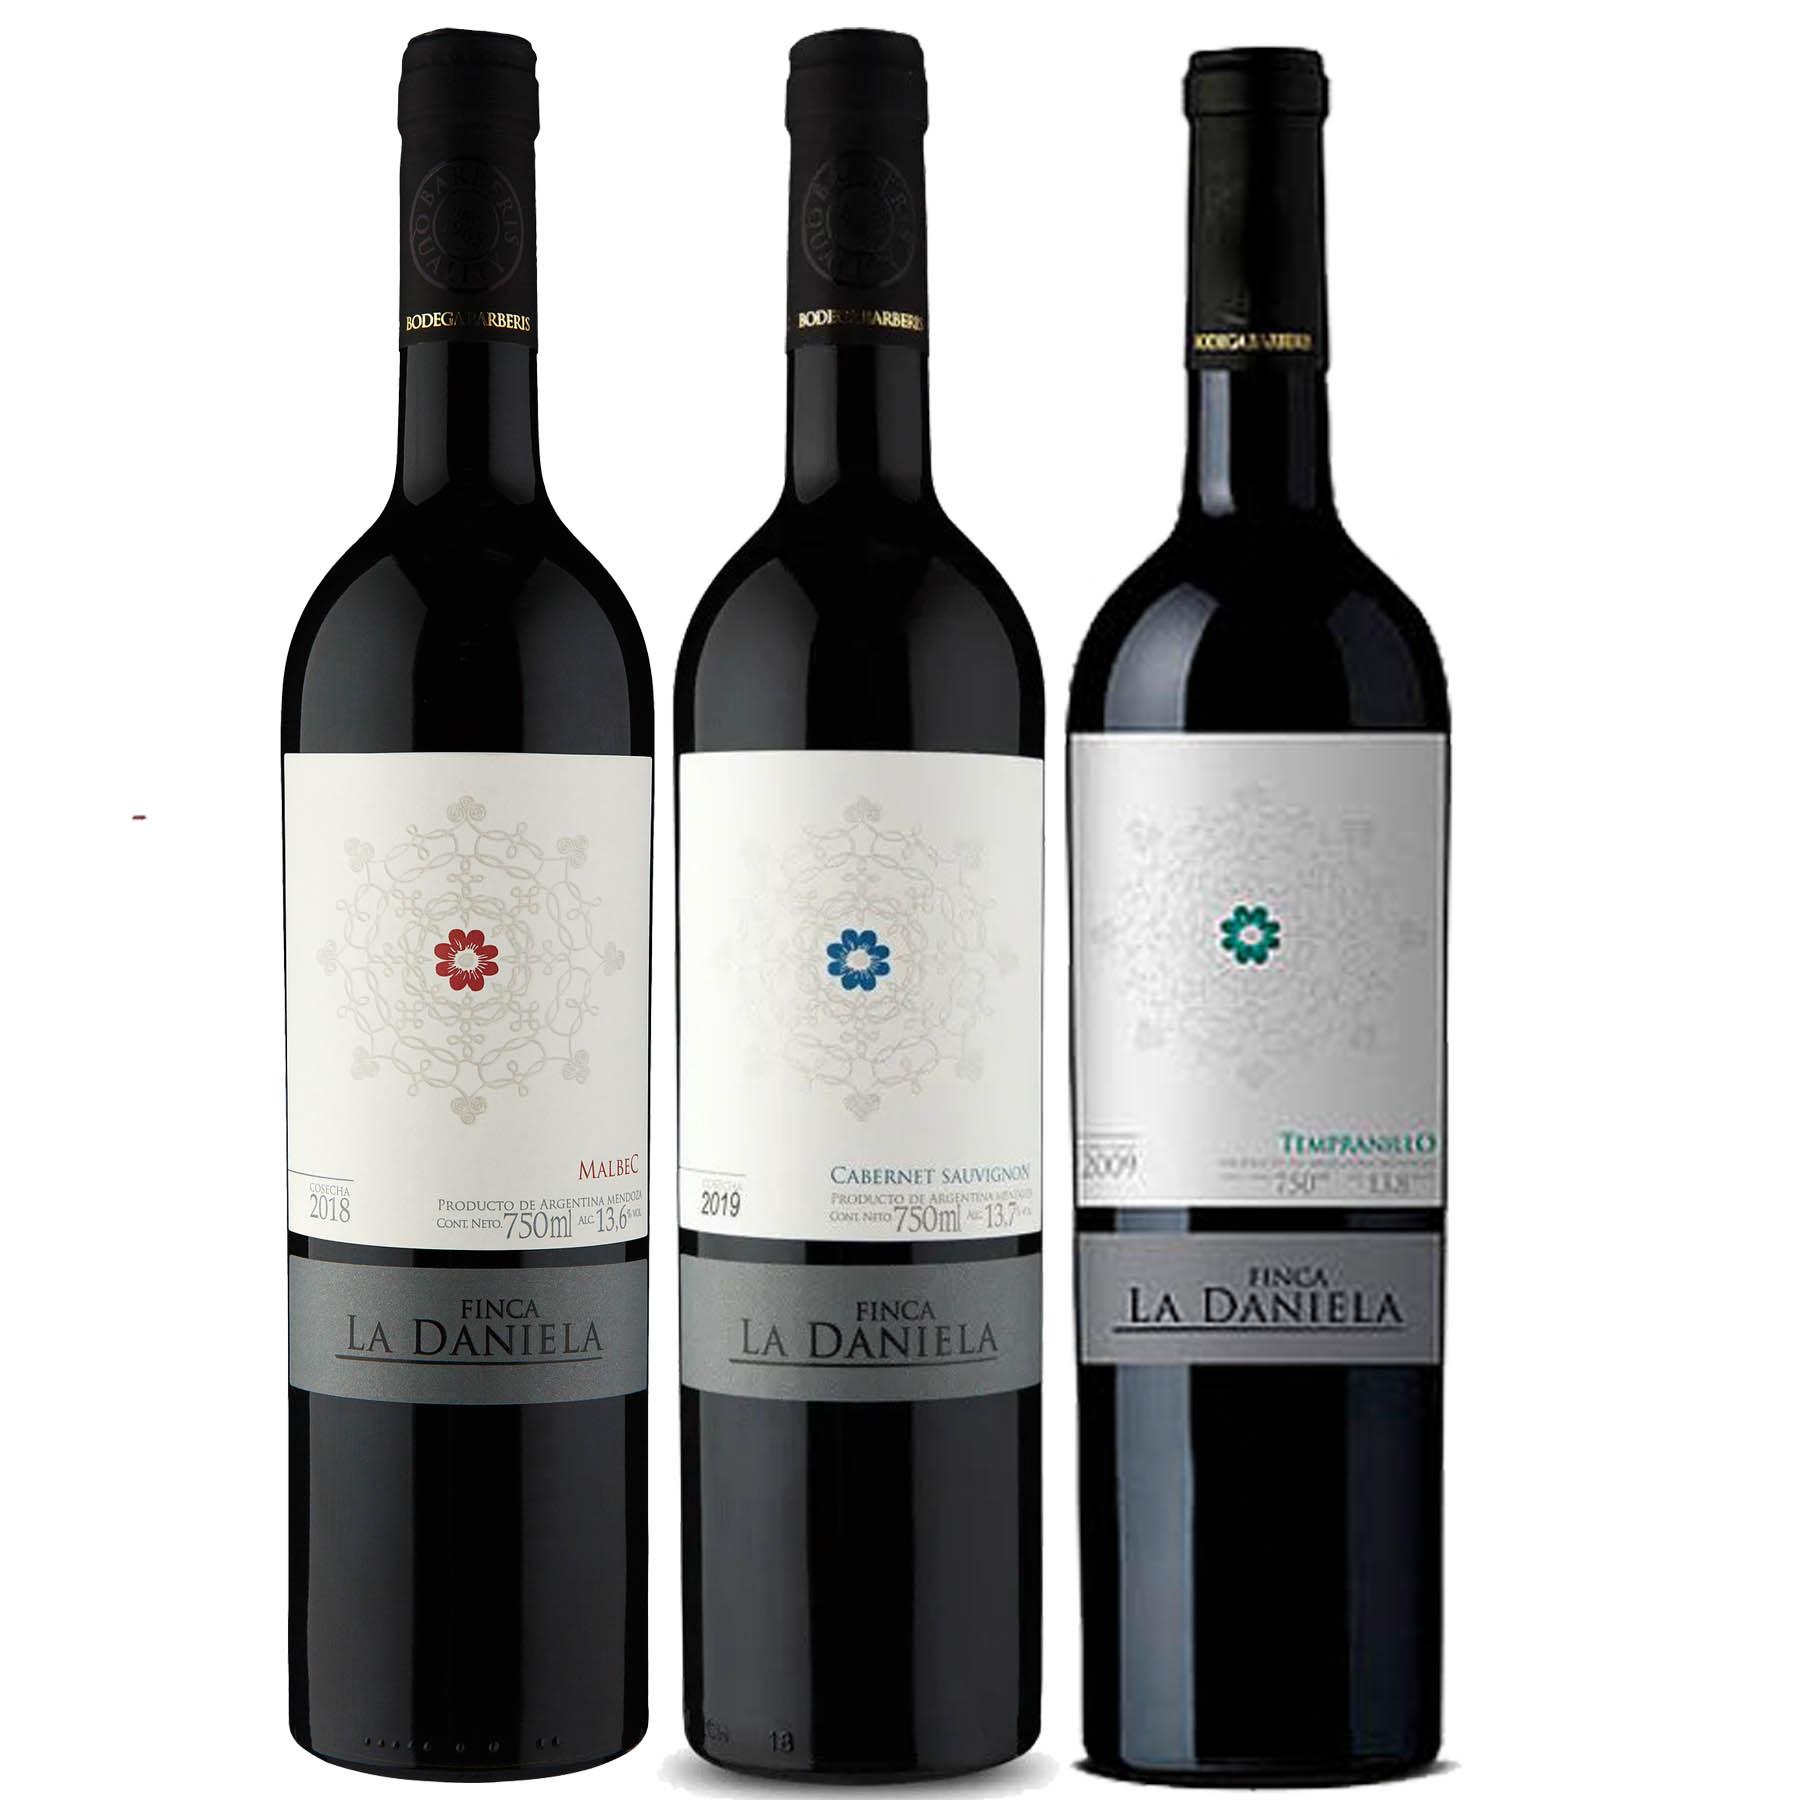 Kit 3 Vinho Tinto Argentino Finca La Daniela Tempranillo/Malbec/Cabernet Sauvignon